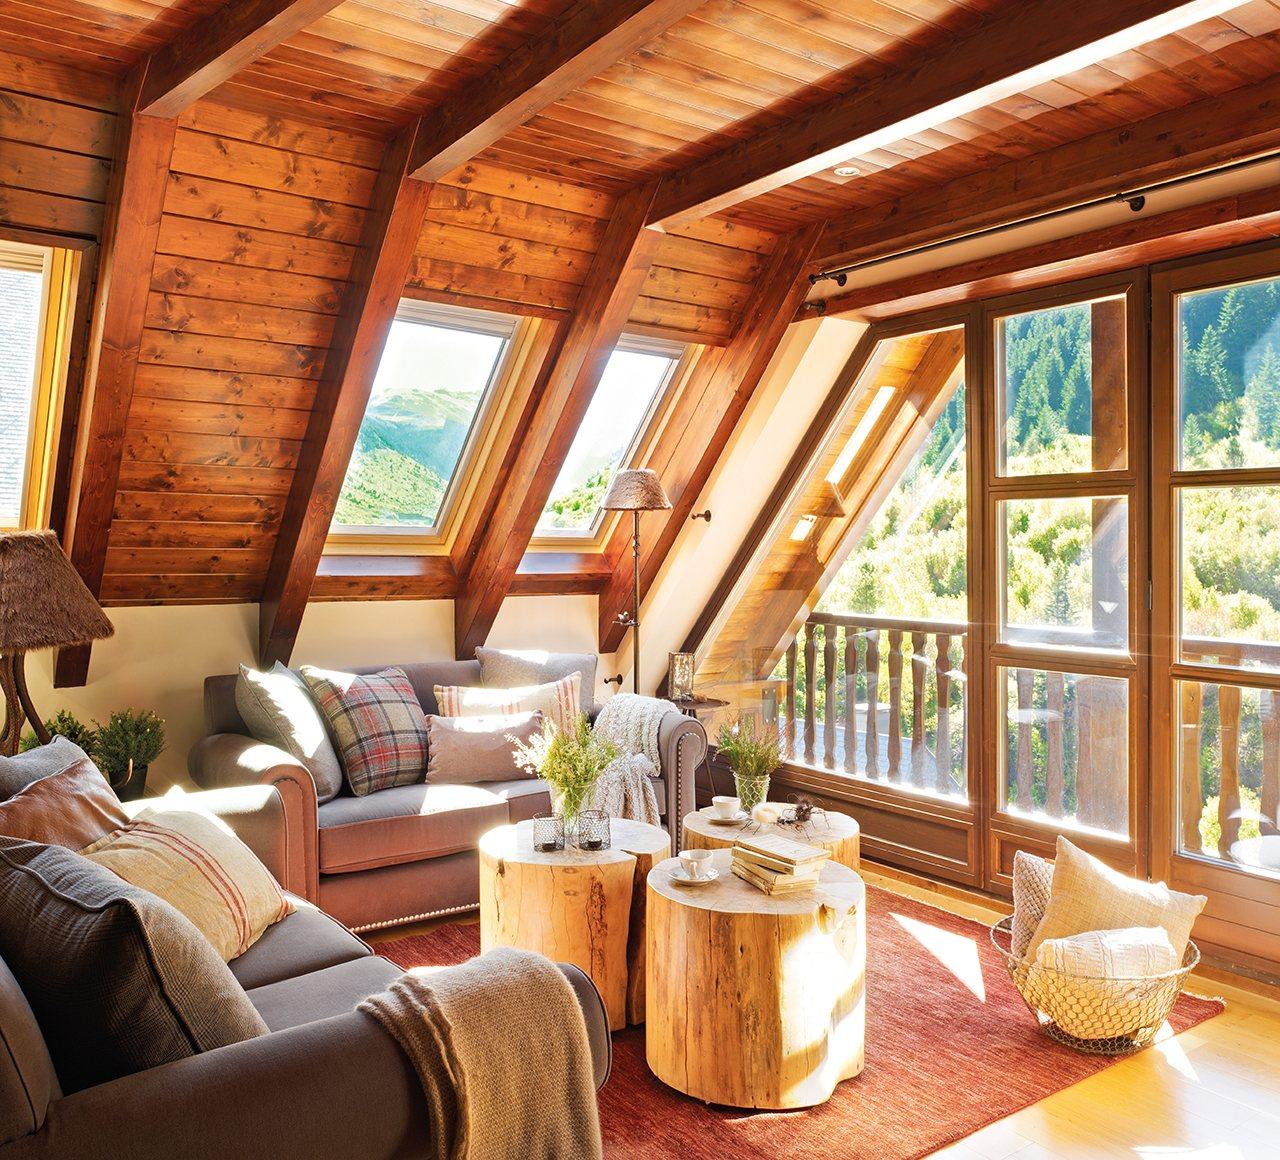 Ventanas 7 ideas para ganar luz y metros - Techo de madera interior ...